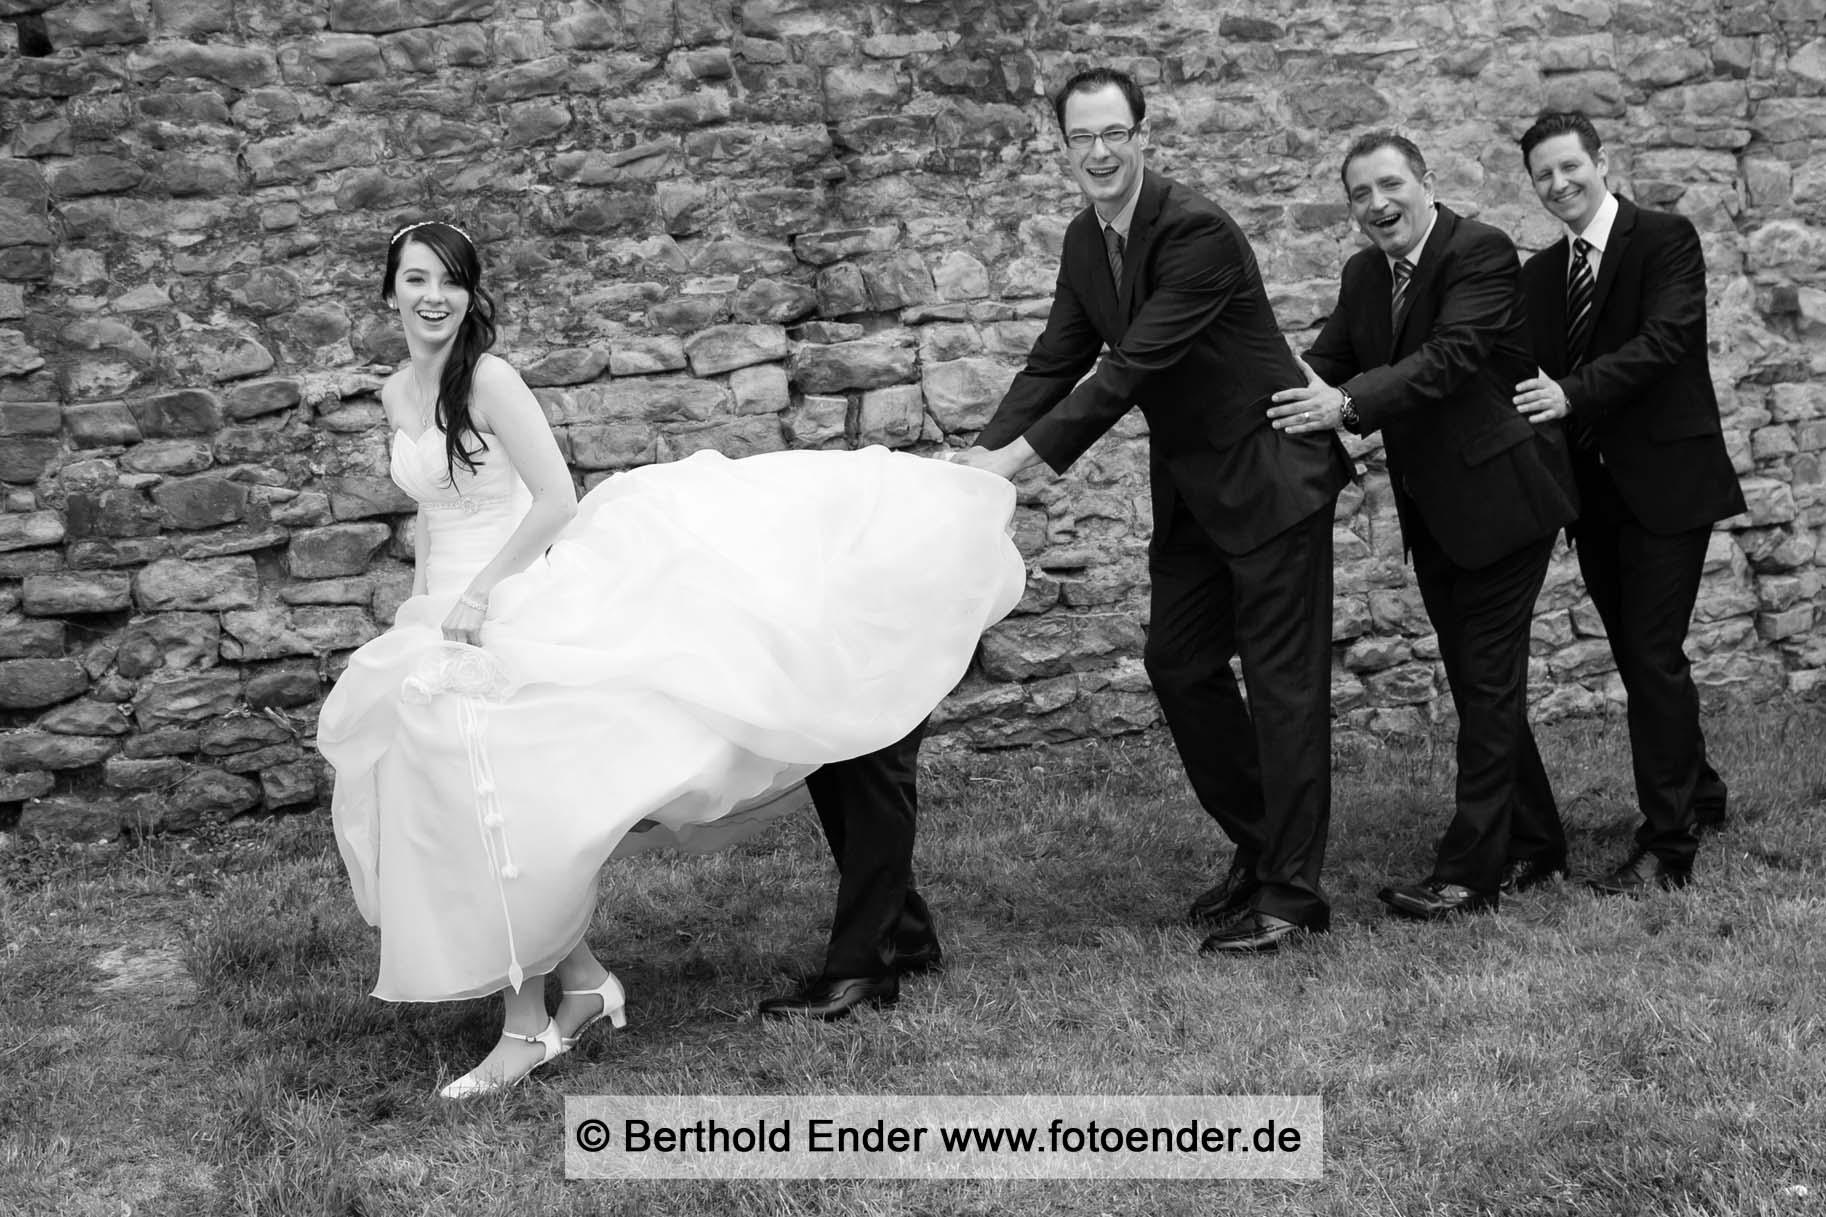 Miraculous Lustige Hochzeitsbilder Photo Of Hochzeitsbilder: Fotostudio Ender